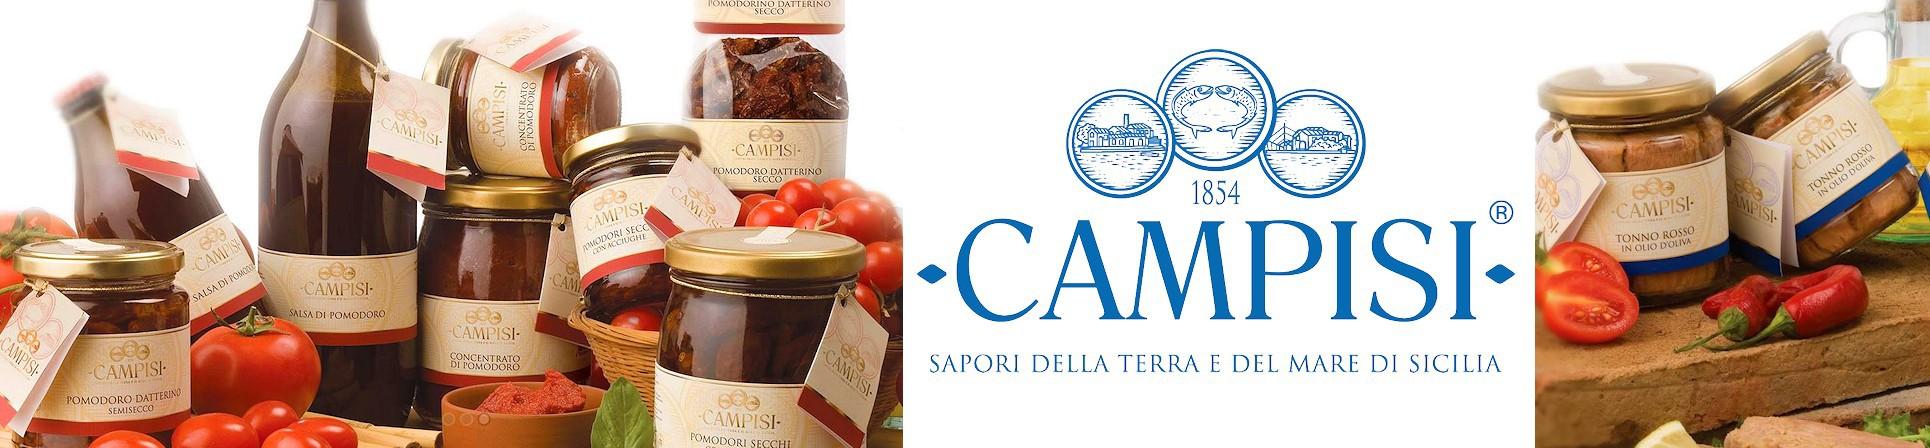 B2B GUSTOX - il Marketplace all'ingrosso delle eccellenze agroalimetari italiane - CAMPISI